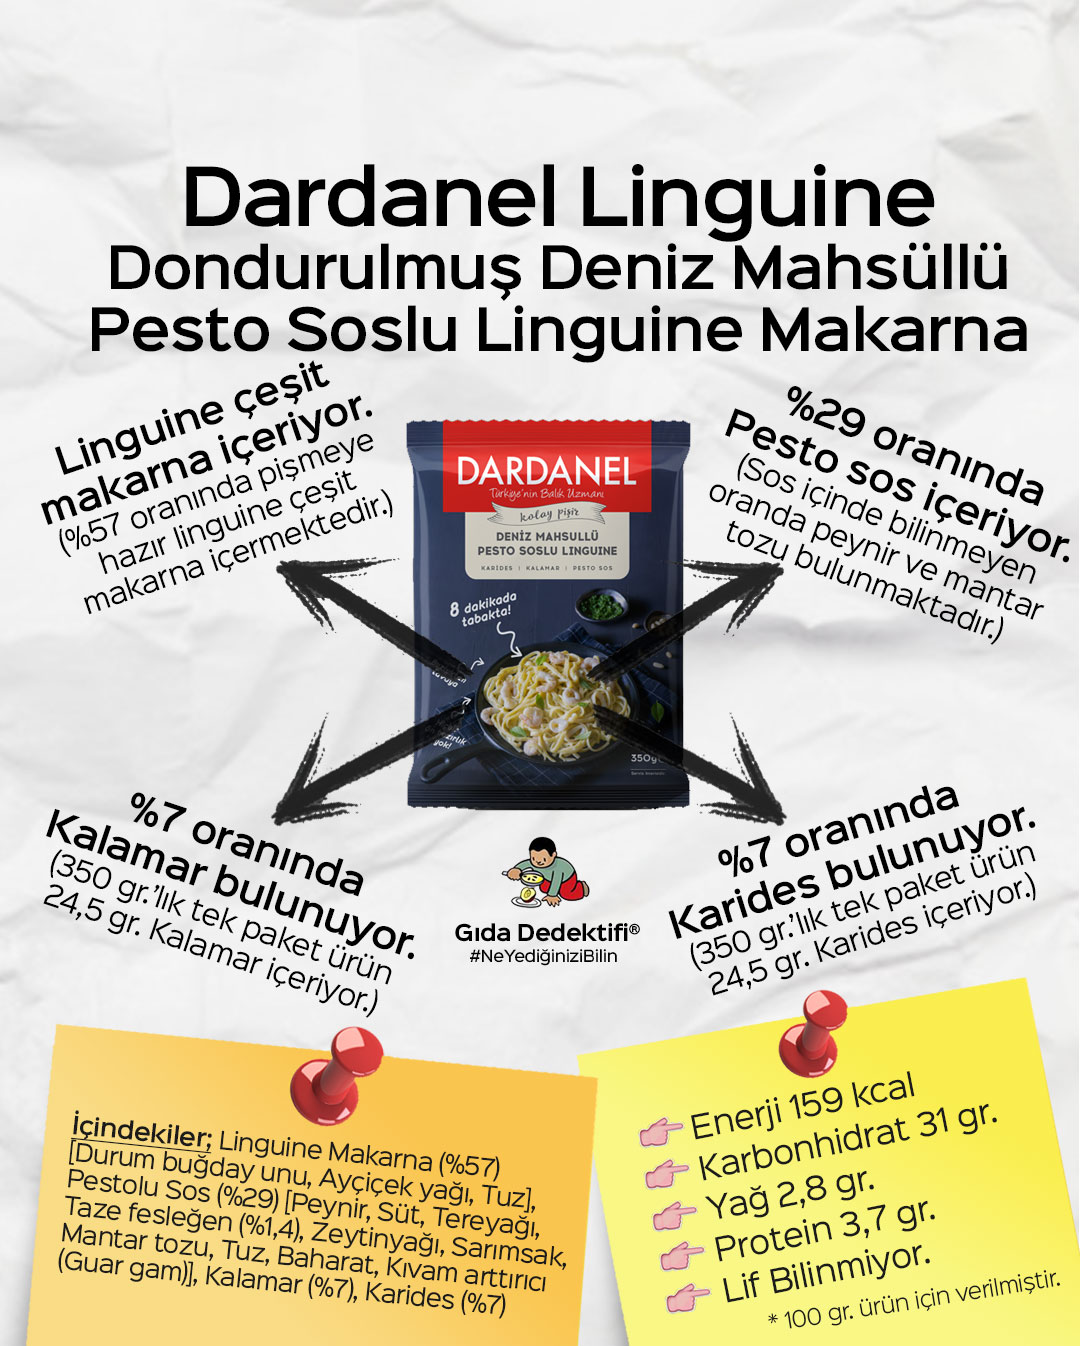 Dardanel Deniz Mahsüllü Pesto Soslu Linguine Makarna - Gıda Dedektifi